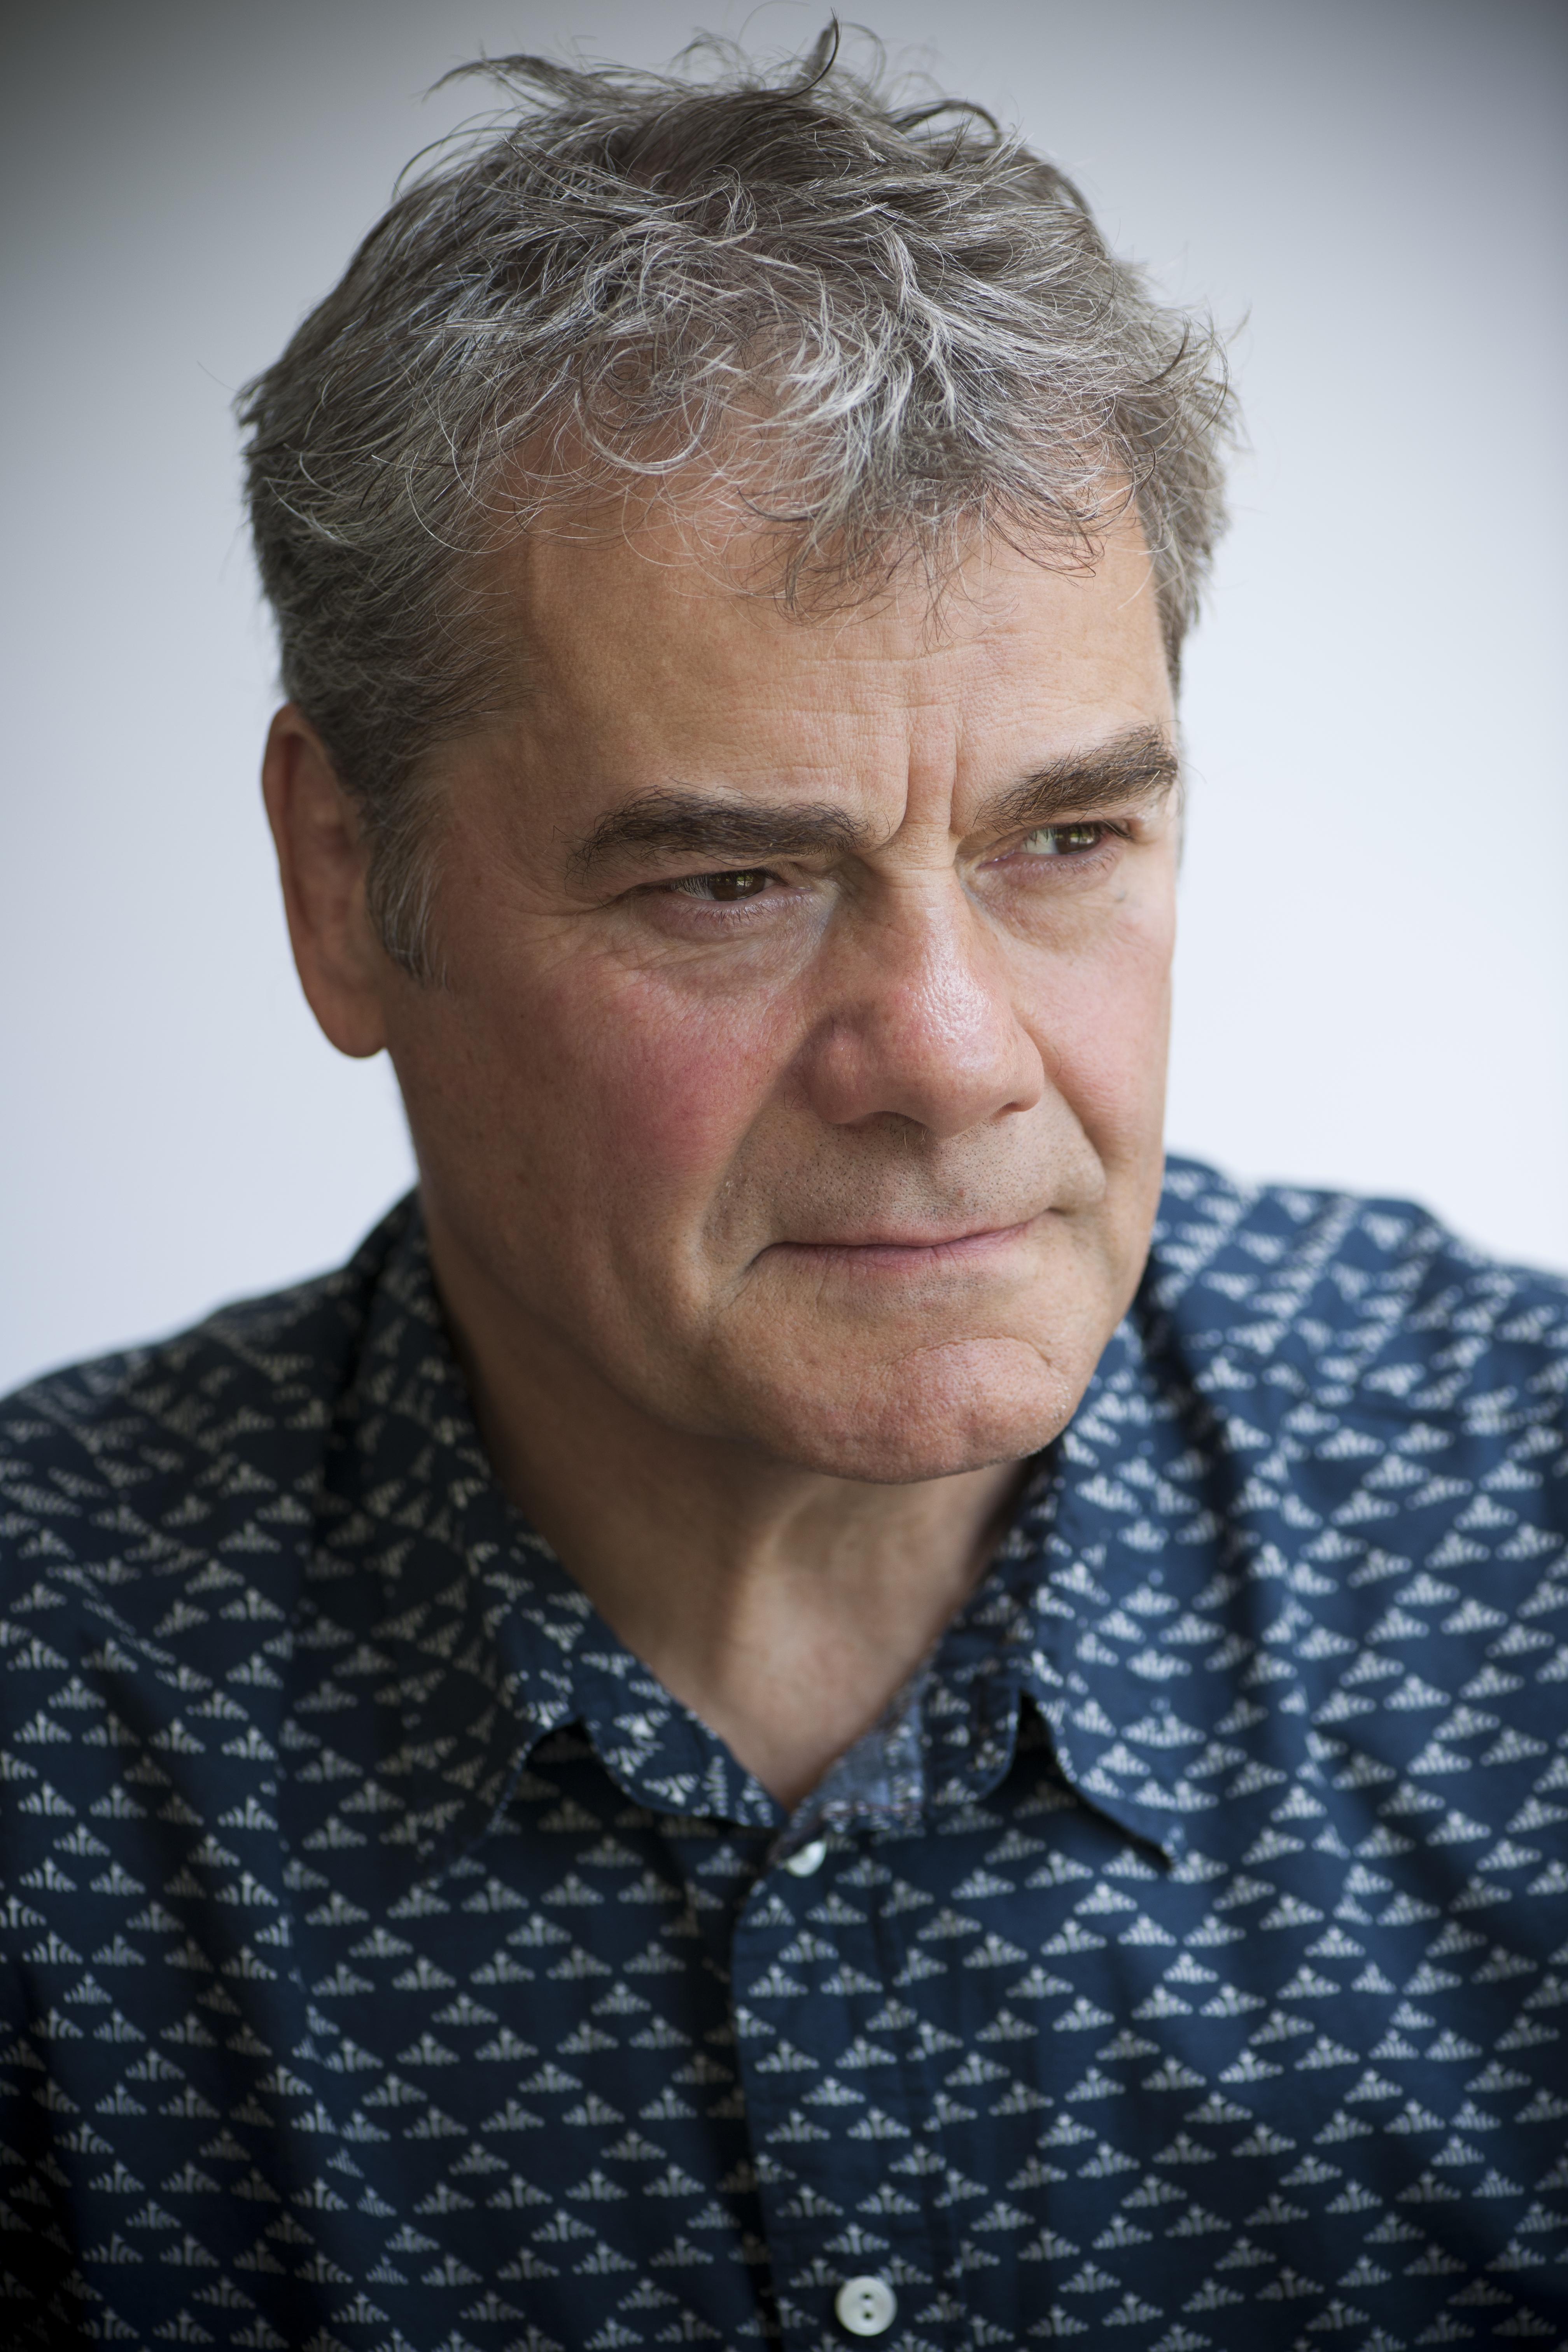 Gordon Kennedy